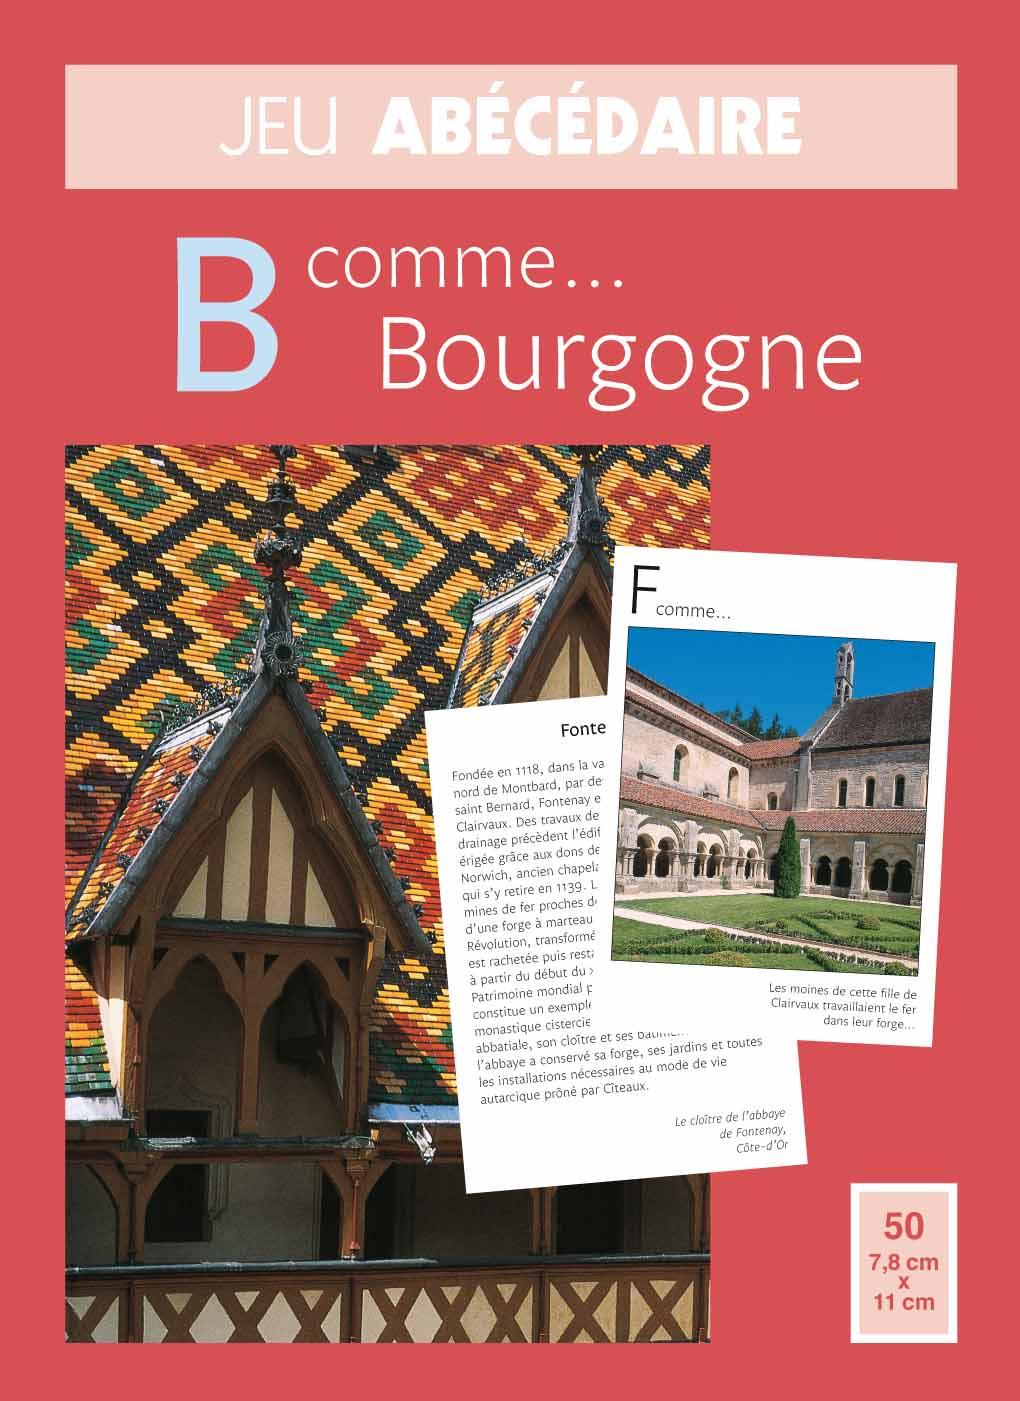 B comme… Bourgogne